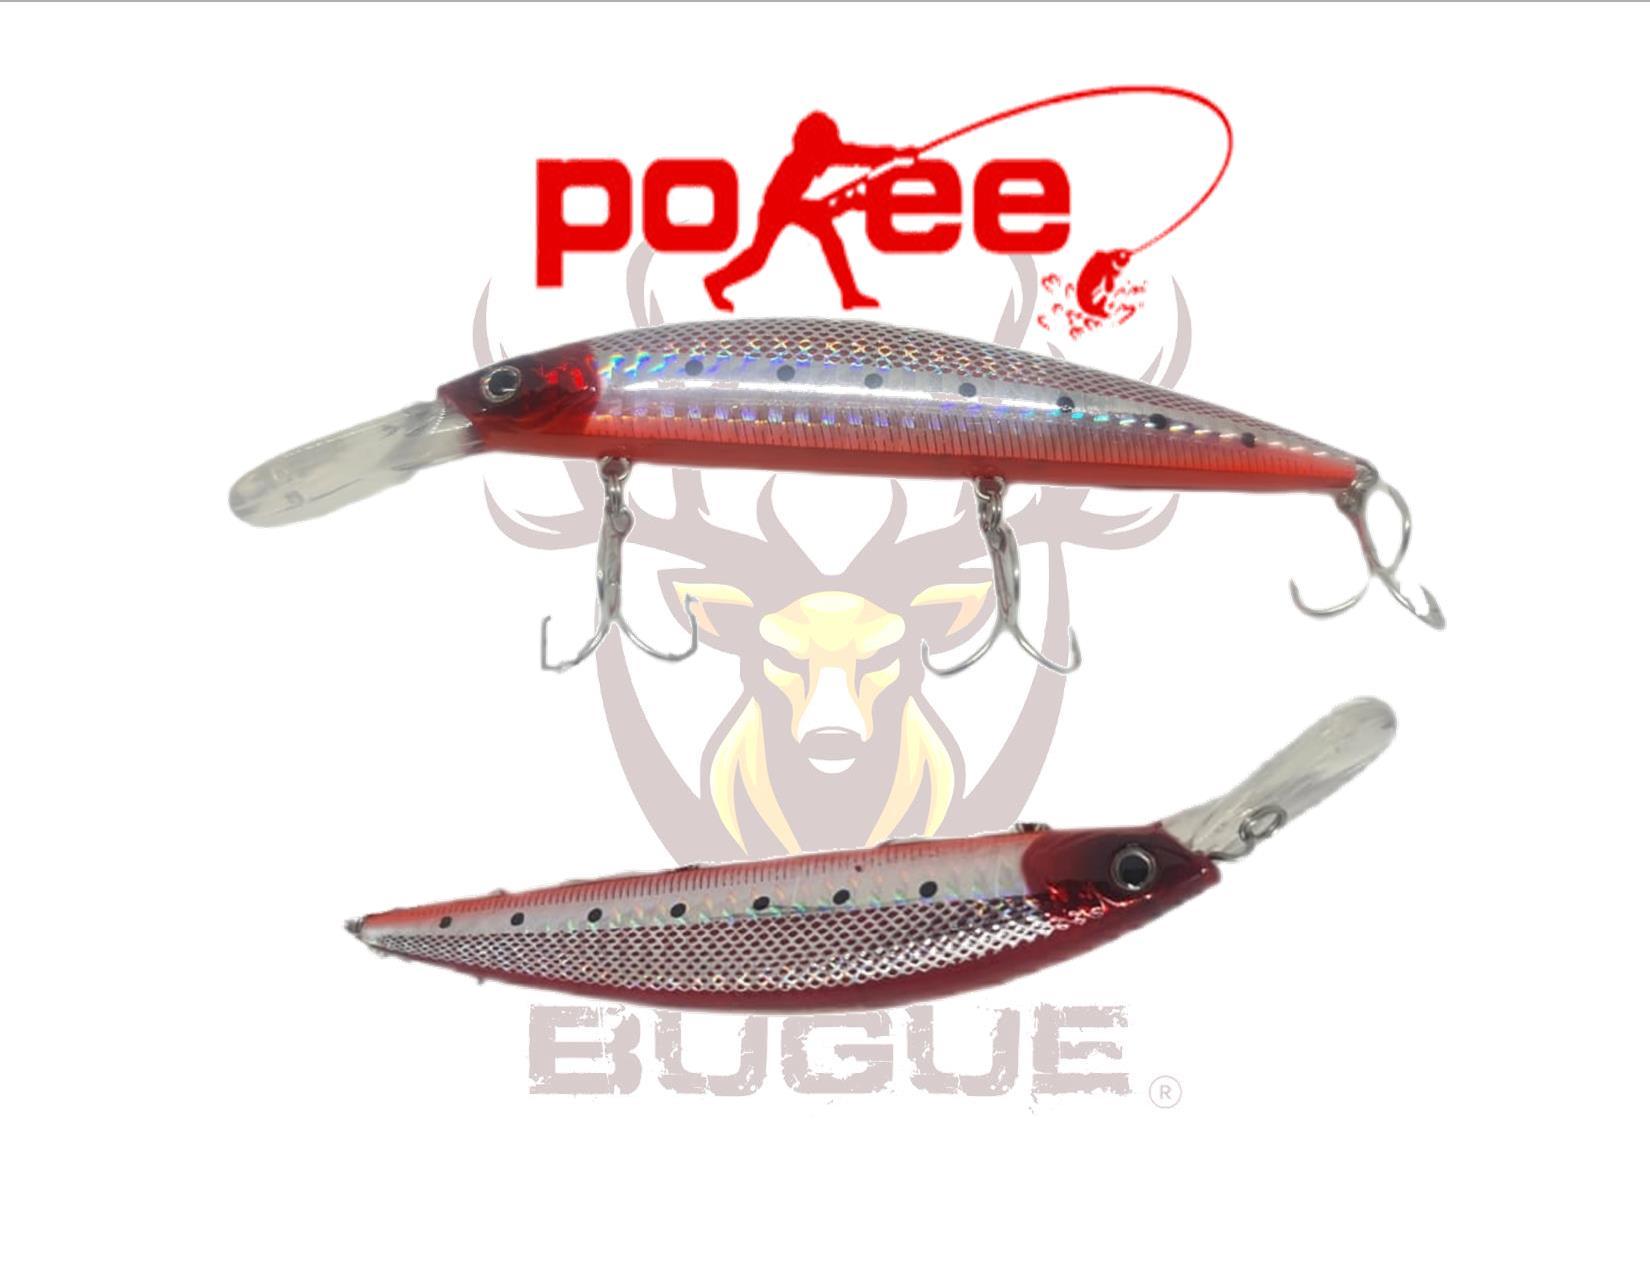 Señuelo marca: Pokee Modelo 8115-6  35 gramos Sinking